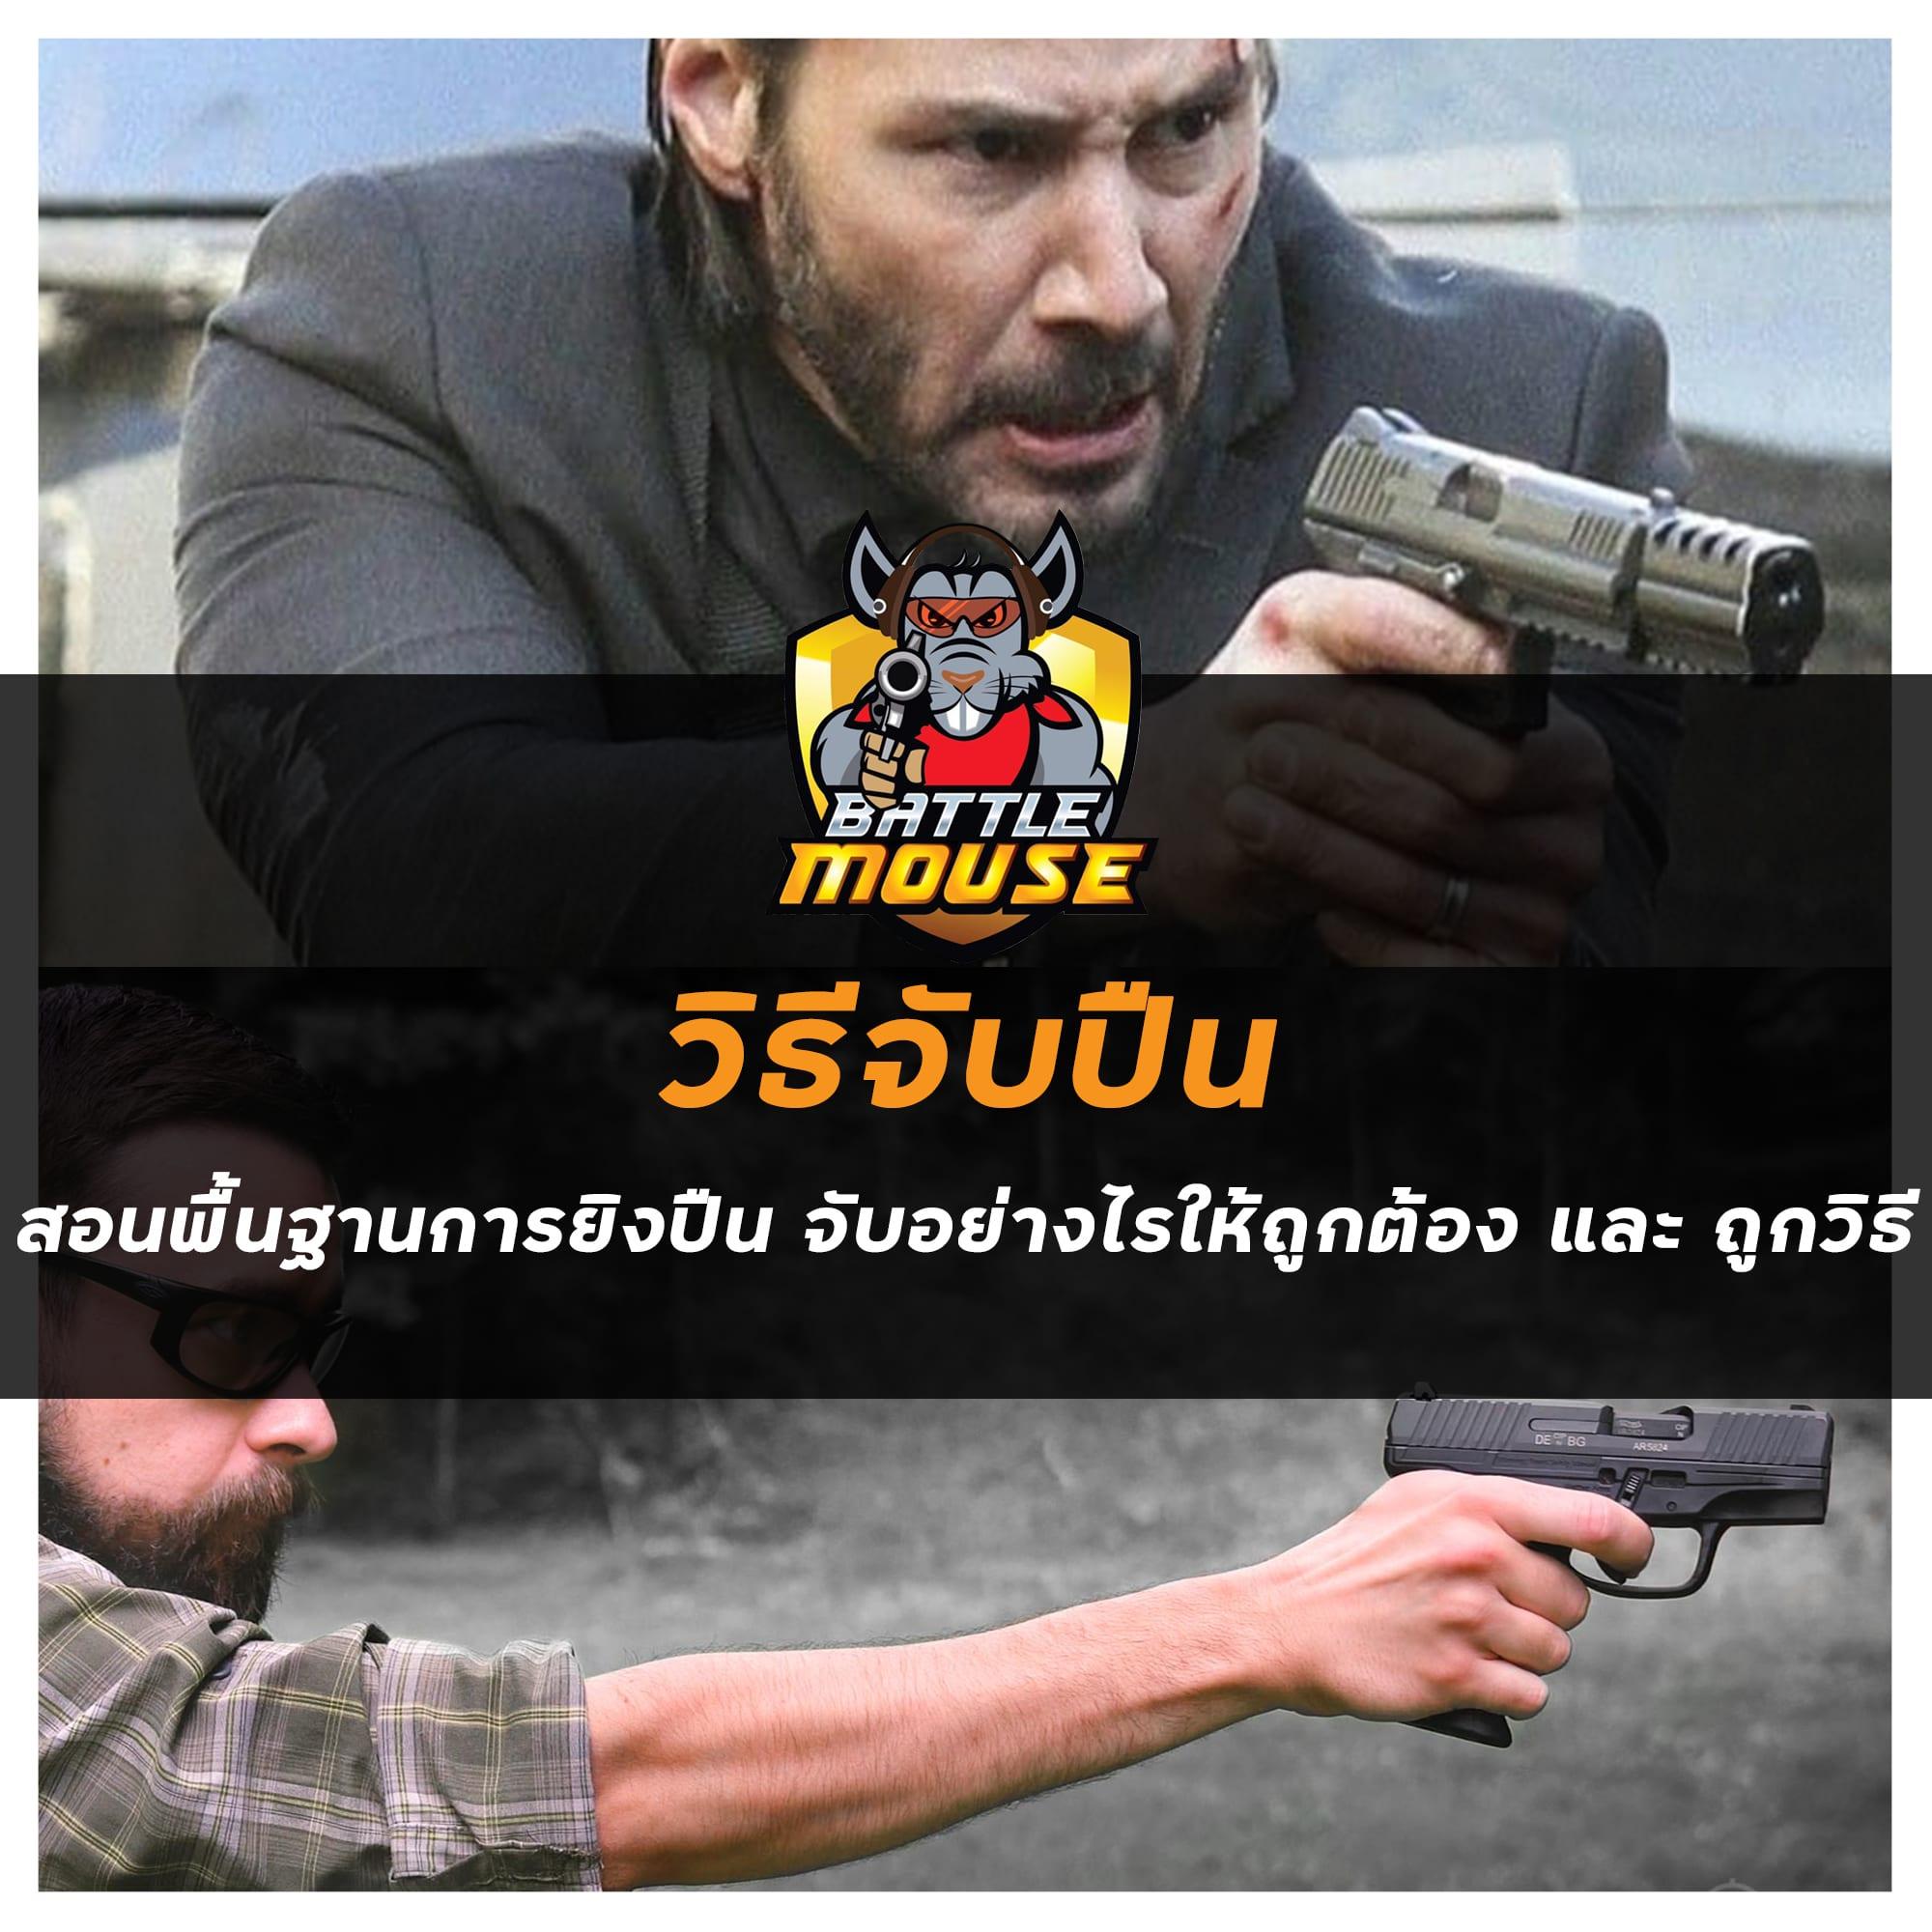 วิธีจับปืน สอนพื้นฐานการยิงปืน จับอย่างไรให้ถูกต้อง และถูกวิธี